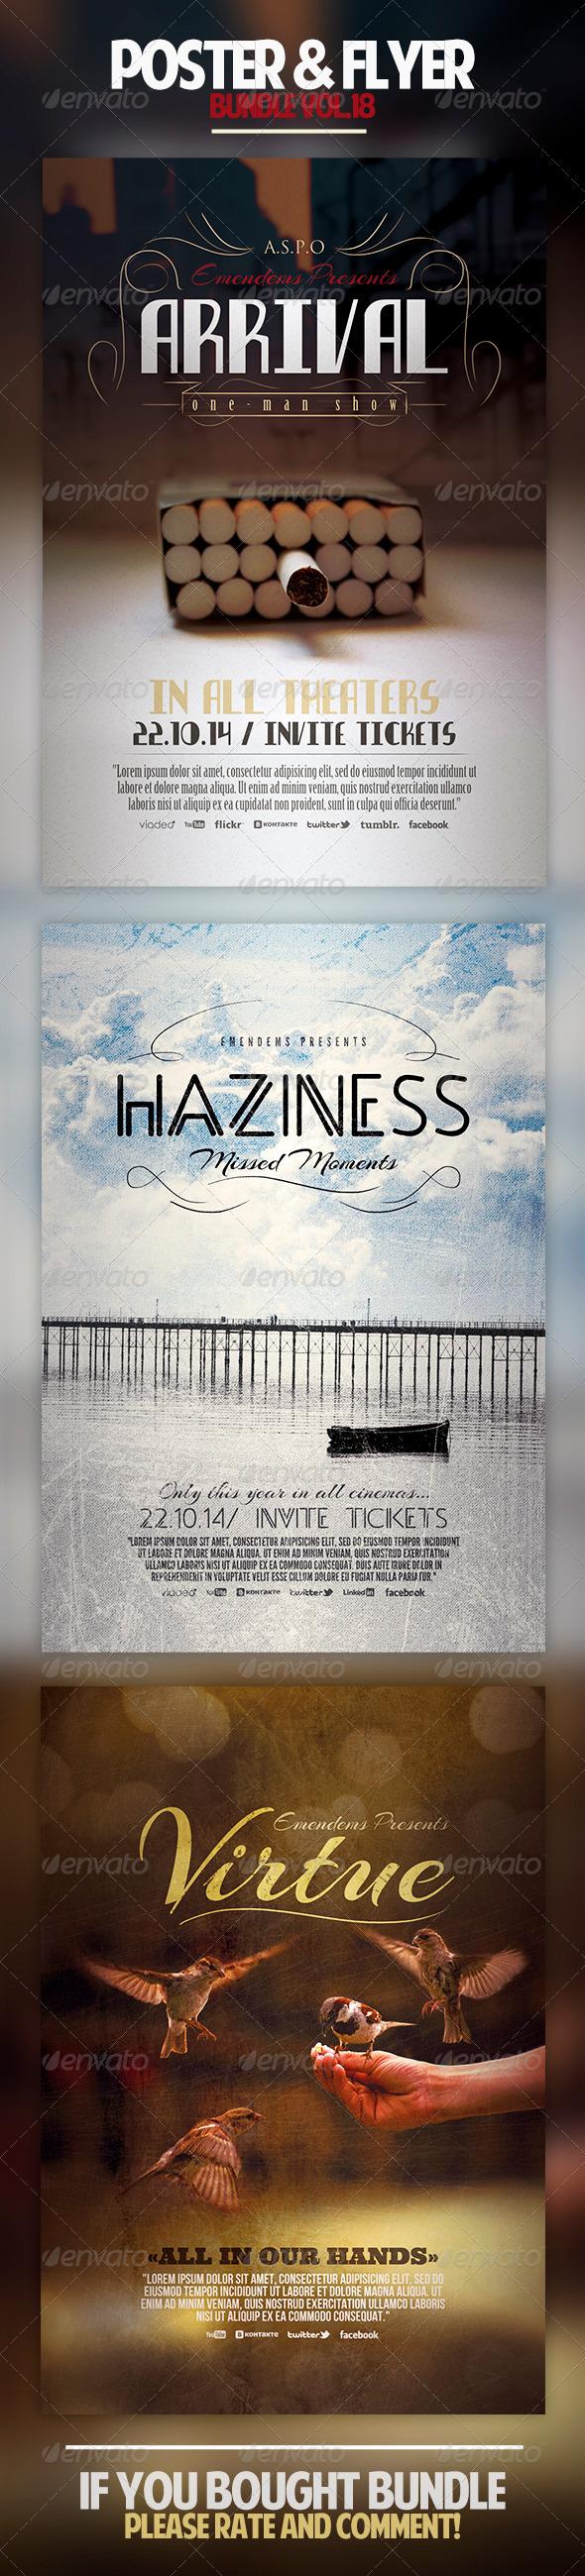 Poster & Flyer Bundle Vol.18 - Miscellaneous Events